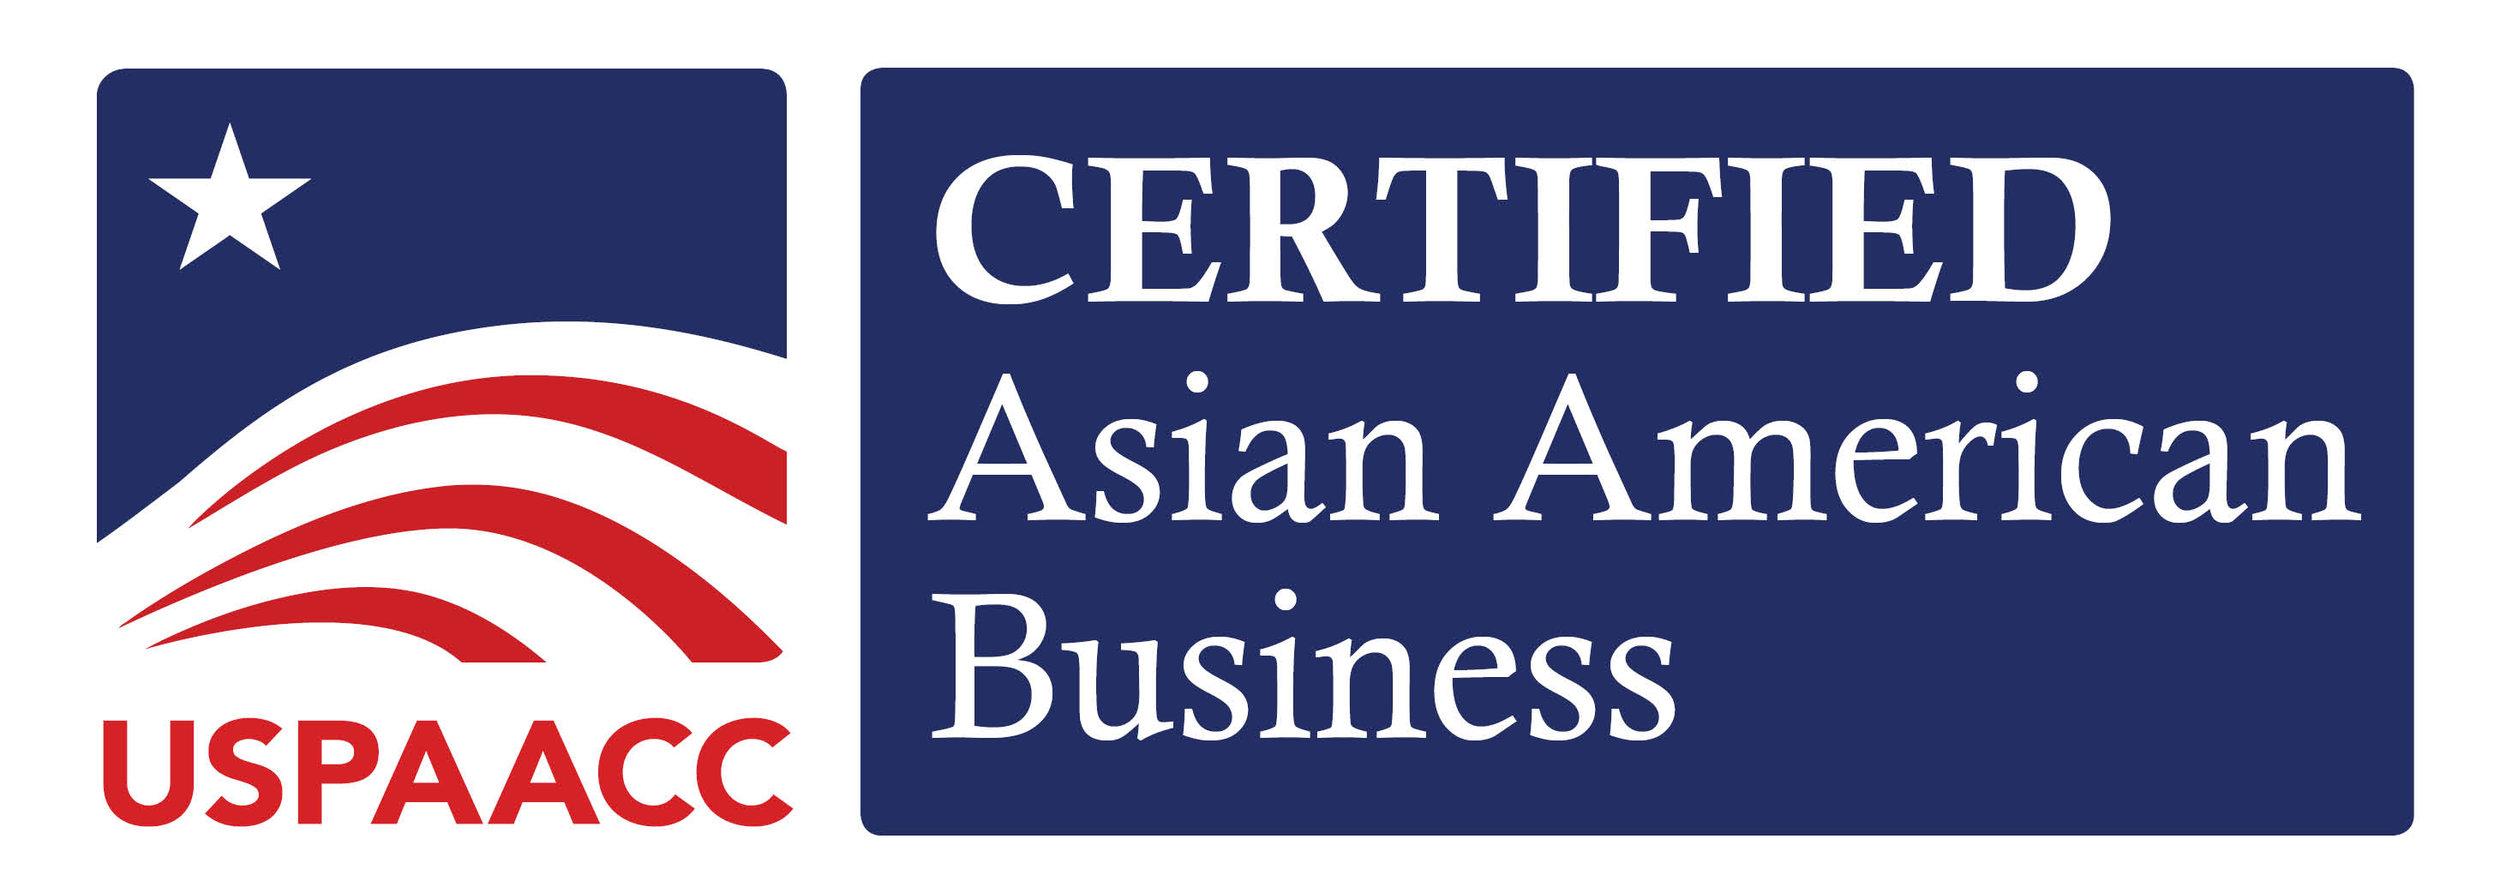 USPAACC Certification Emblem.jpg